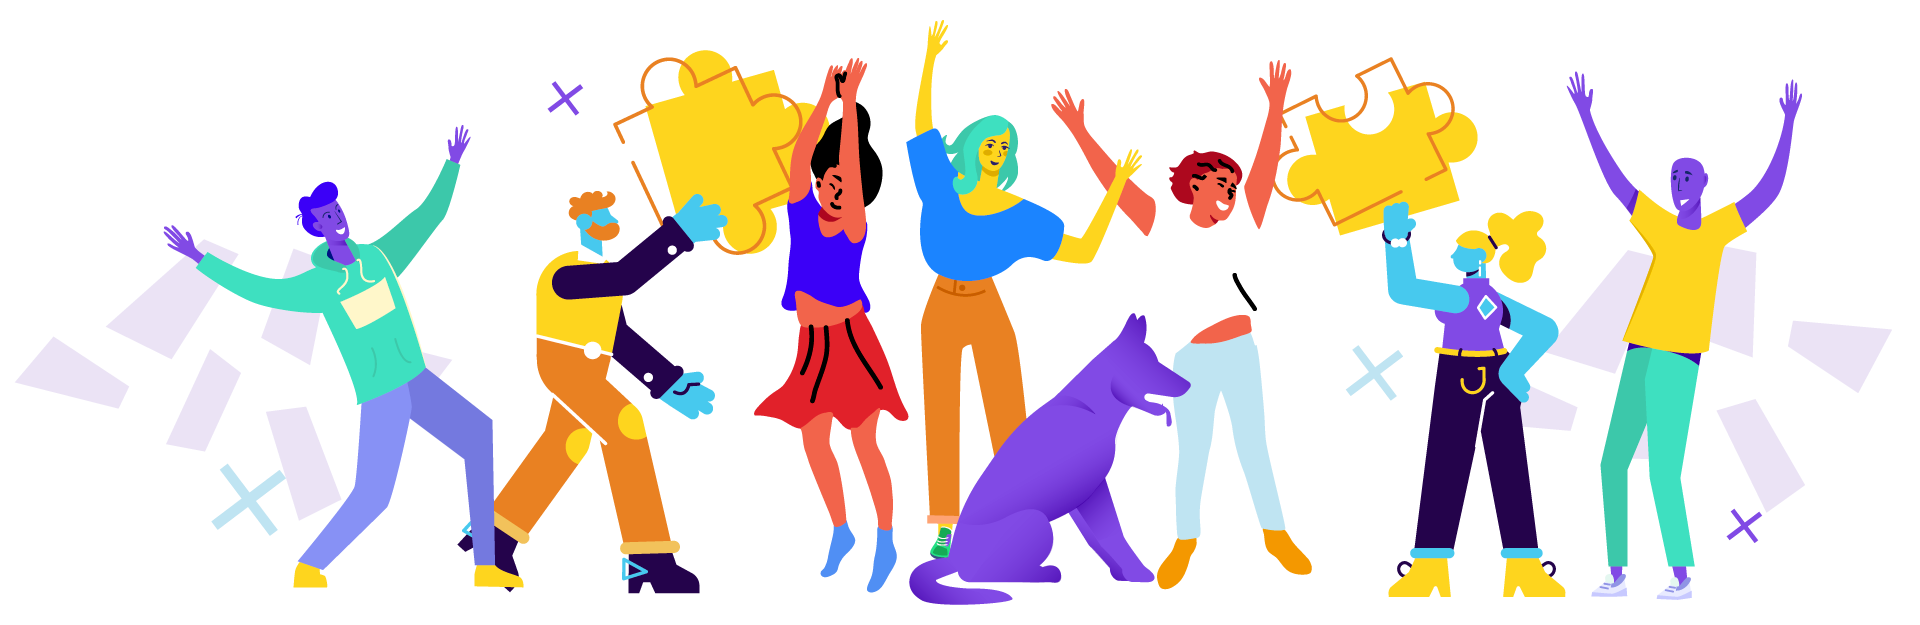 Ilustración de gente feliz